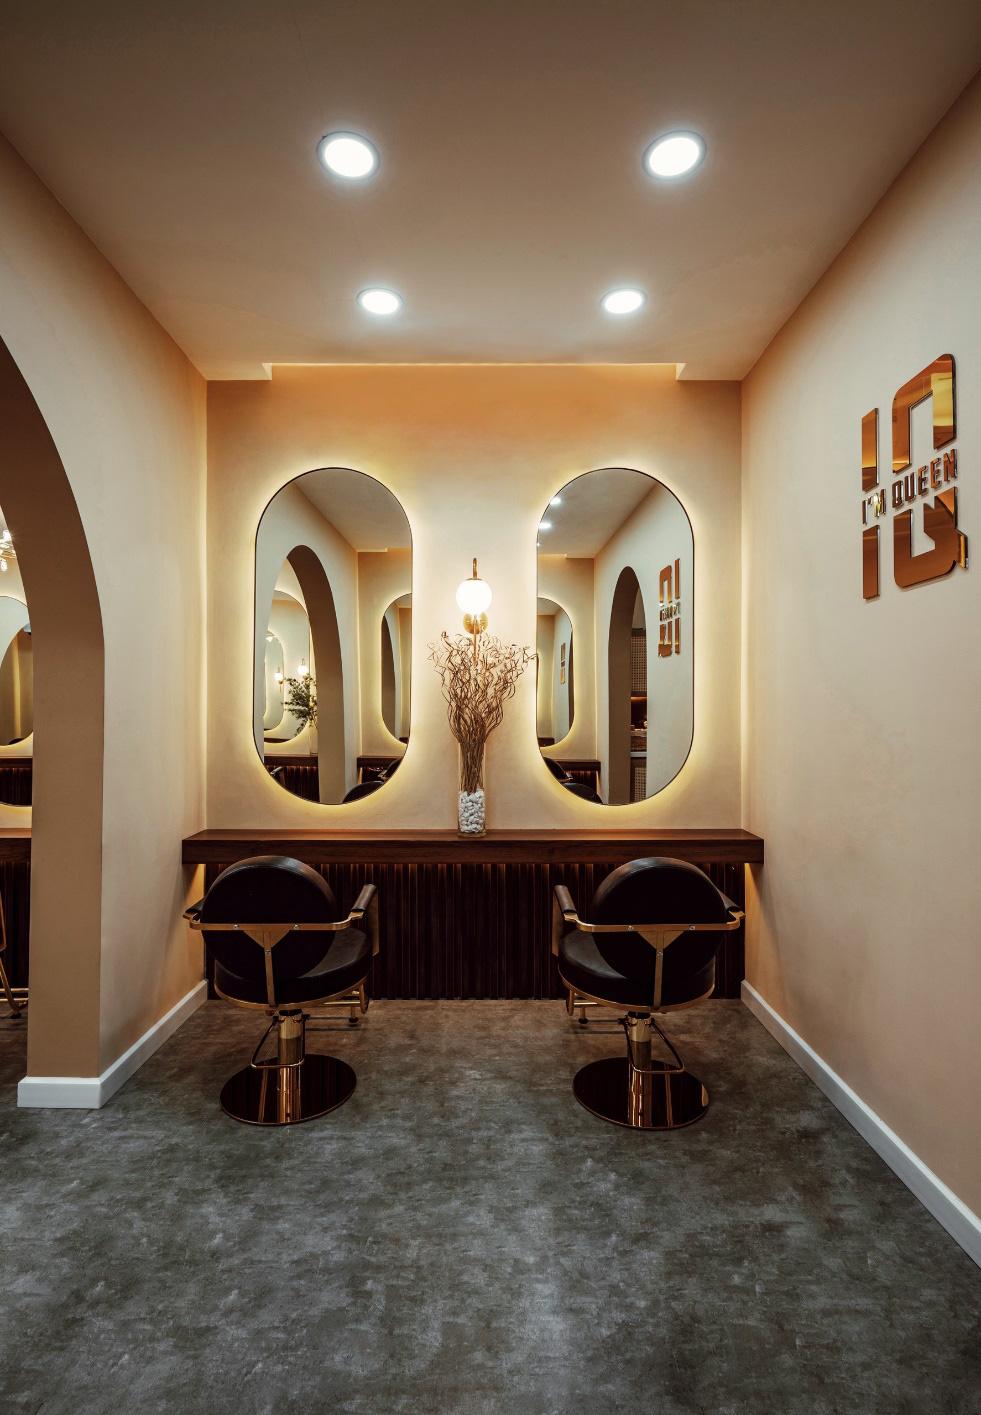 Bật mí hair salon siêu xinh tại thành phố Hồ Chí Minh - Ảnh 3.